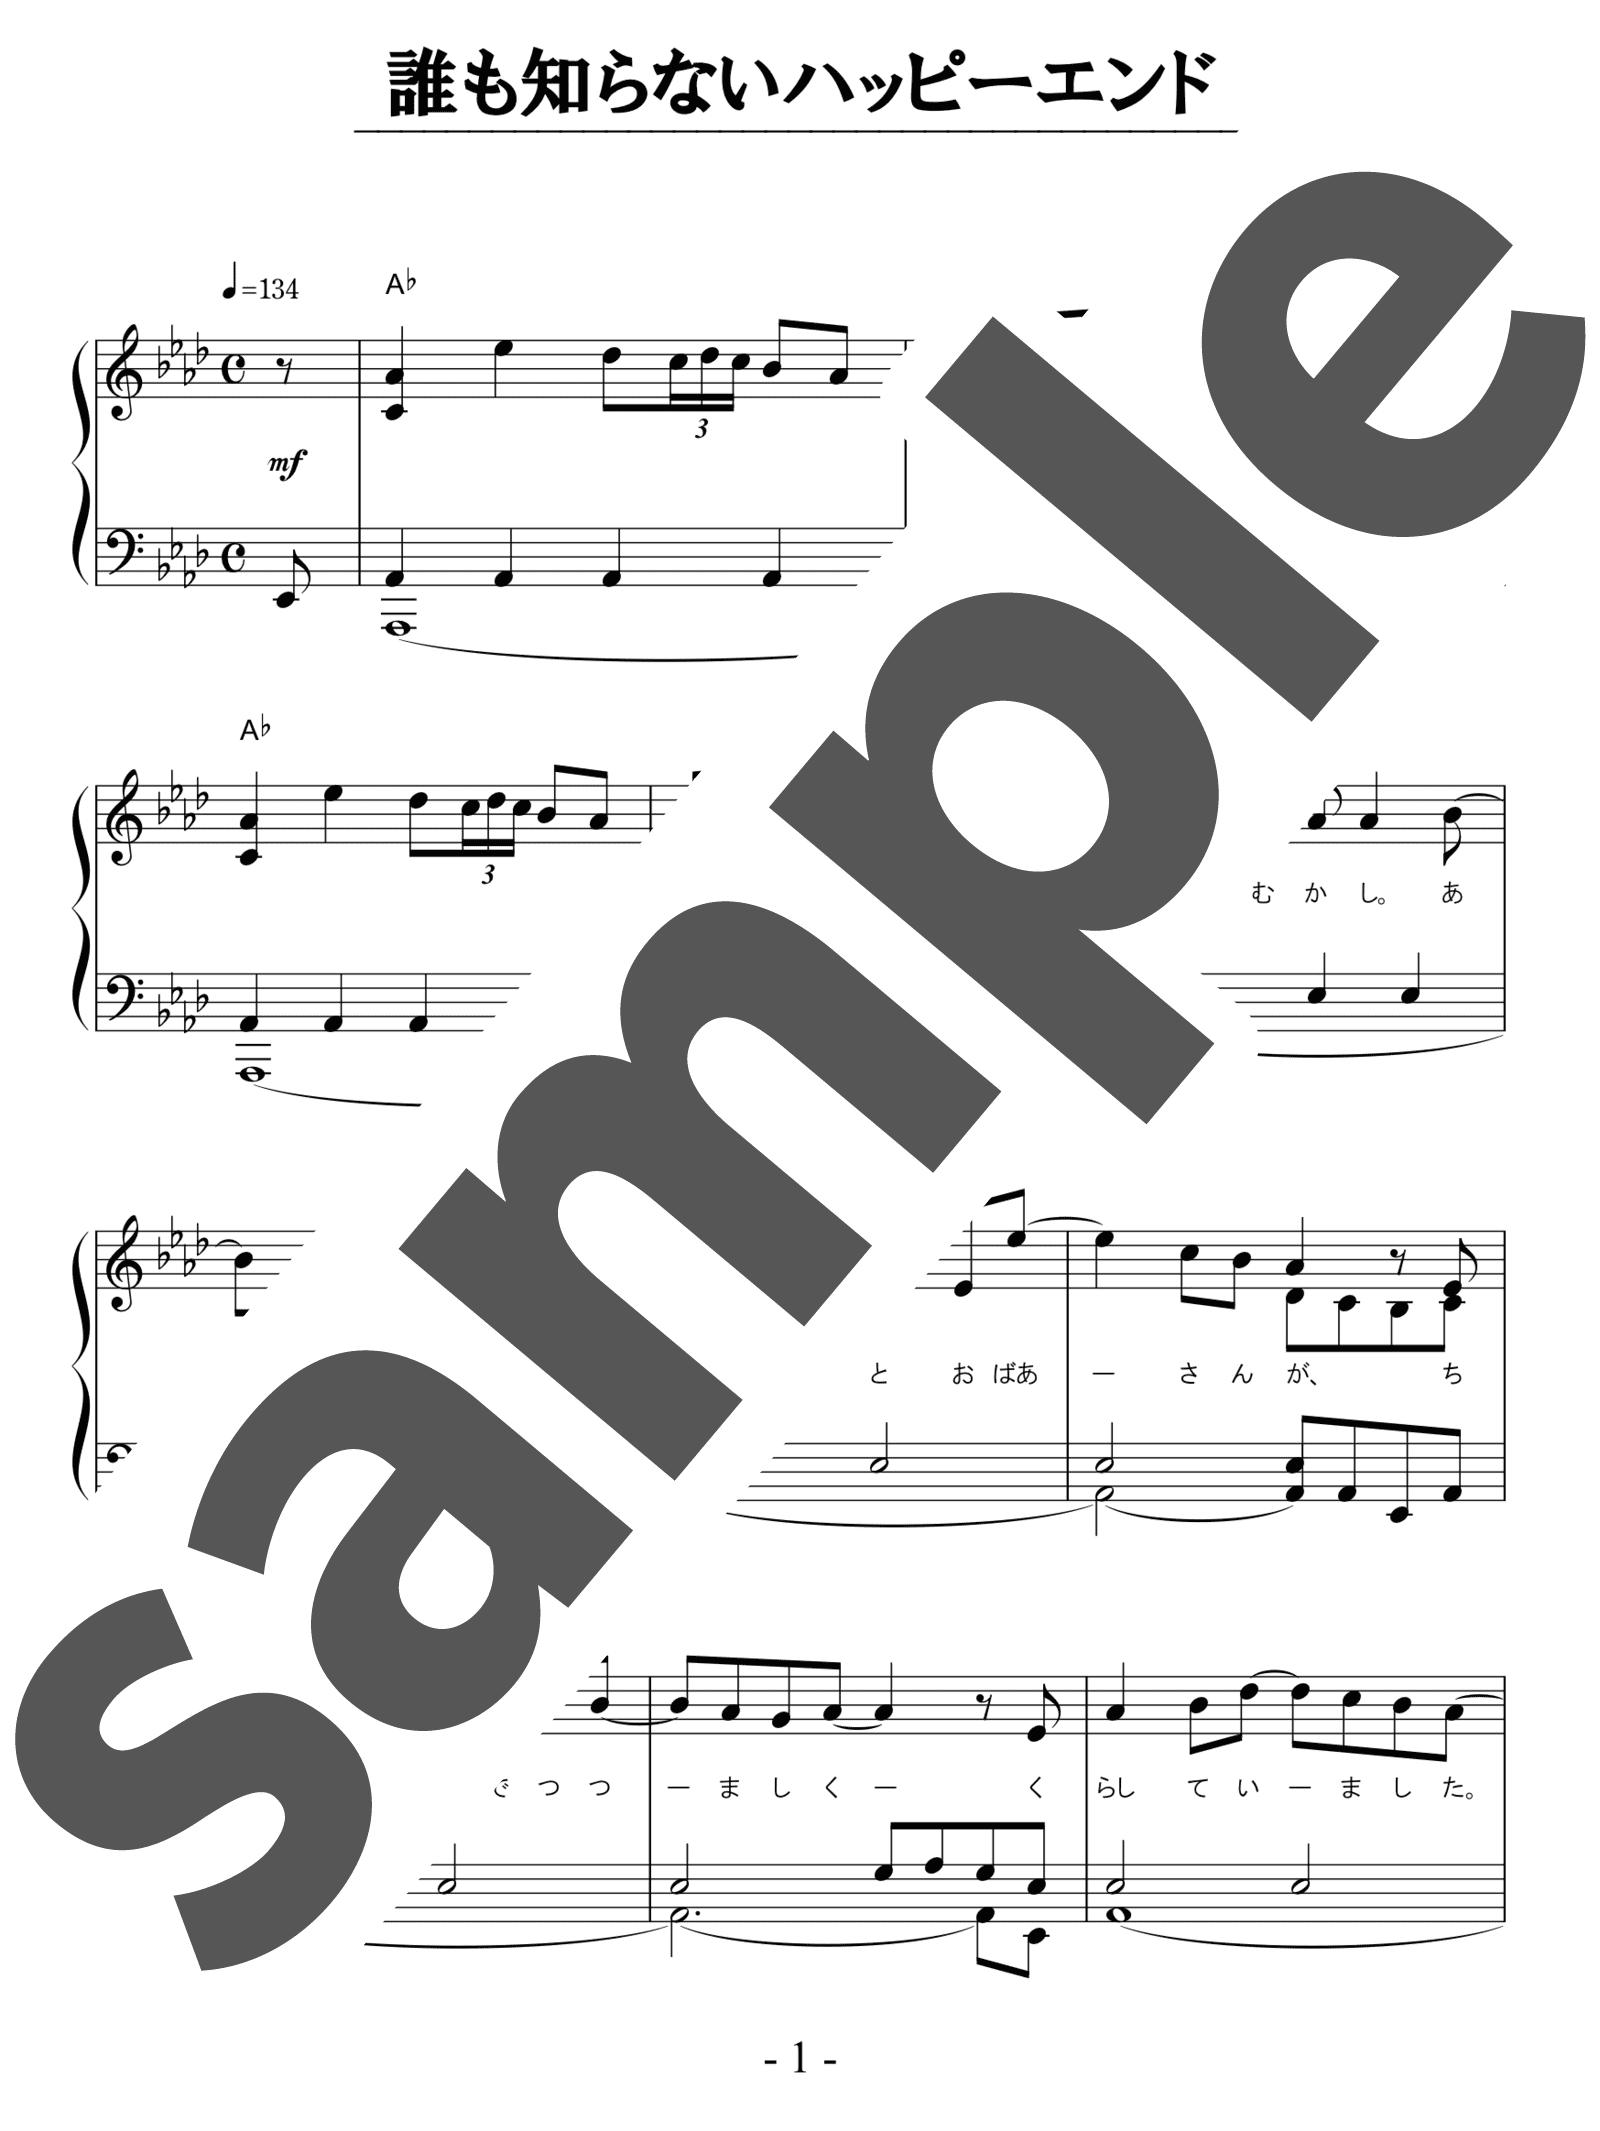 「誰も知らないハッピーエンド」のサンプル楽譜